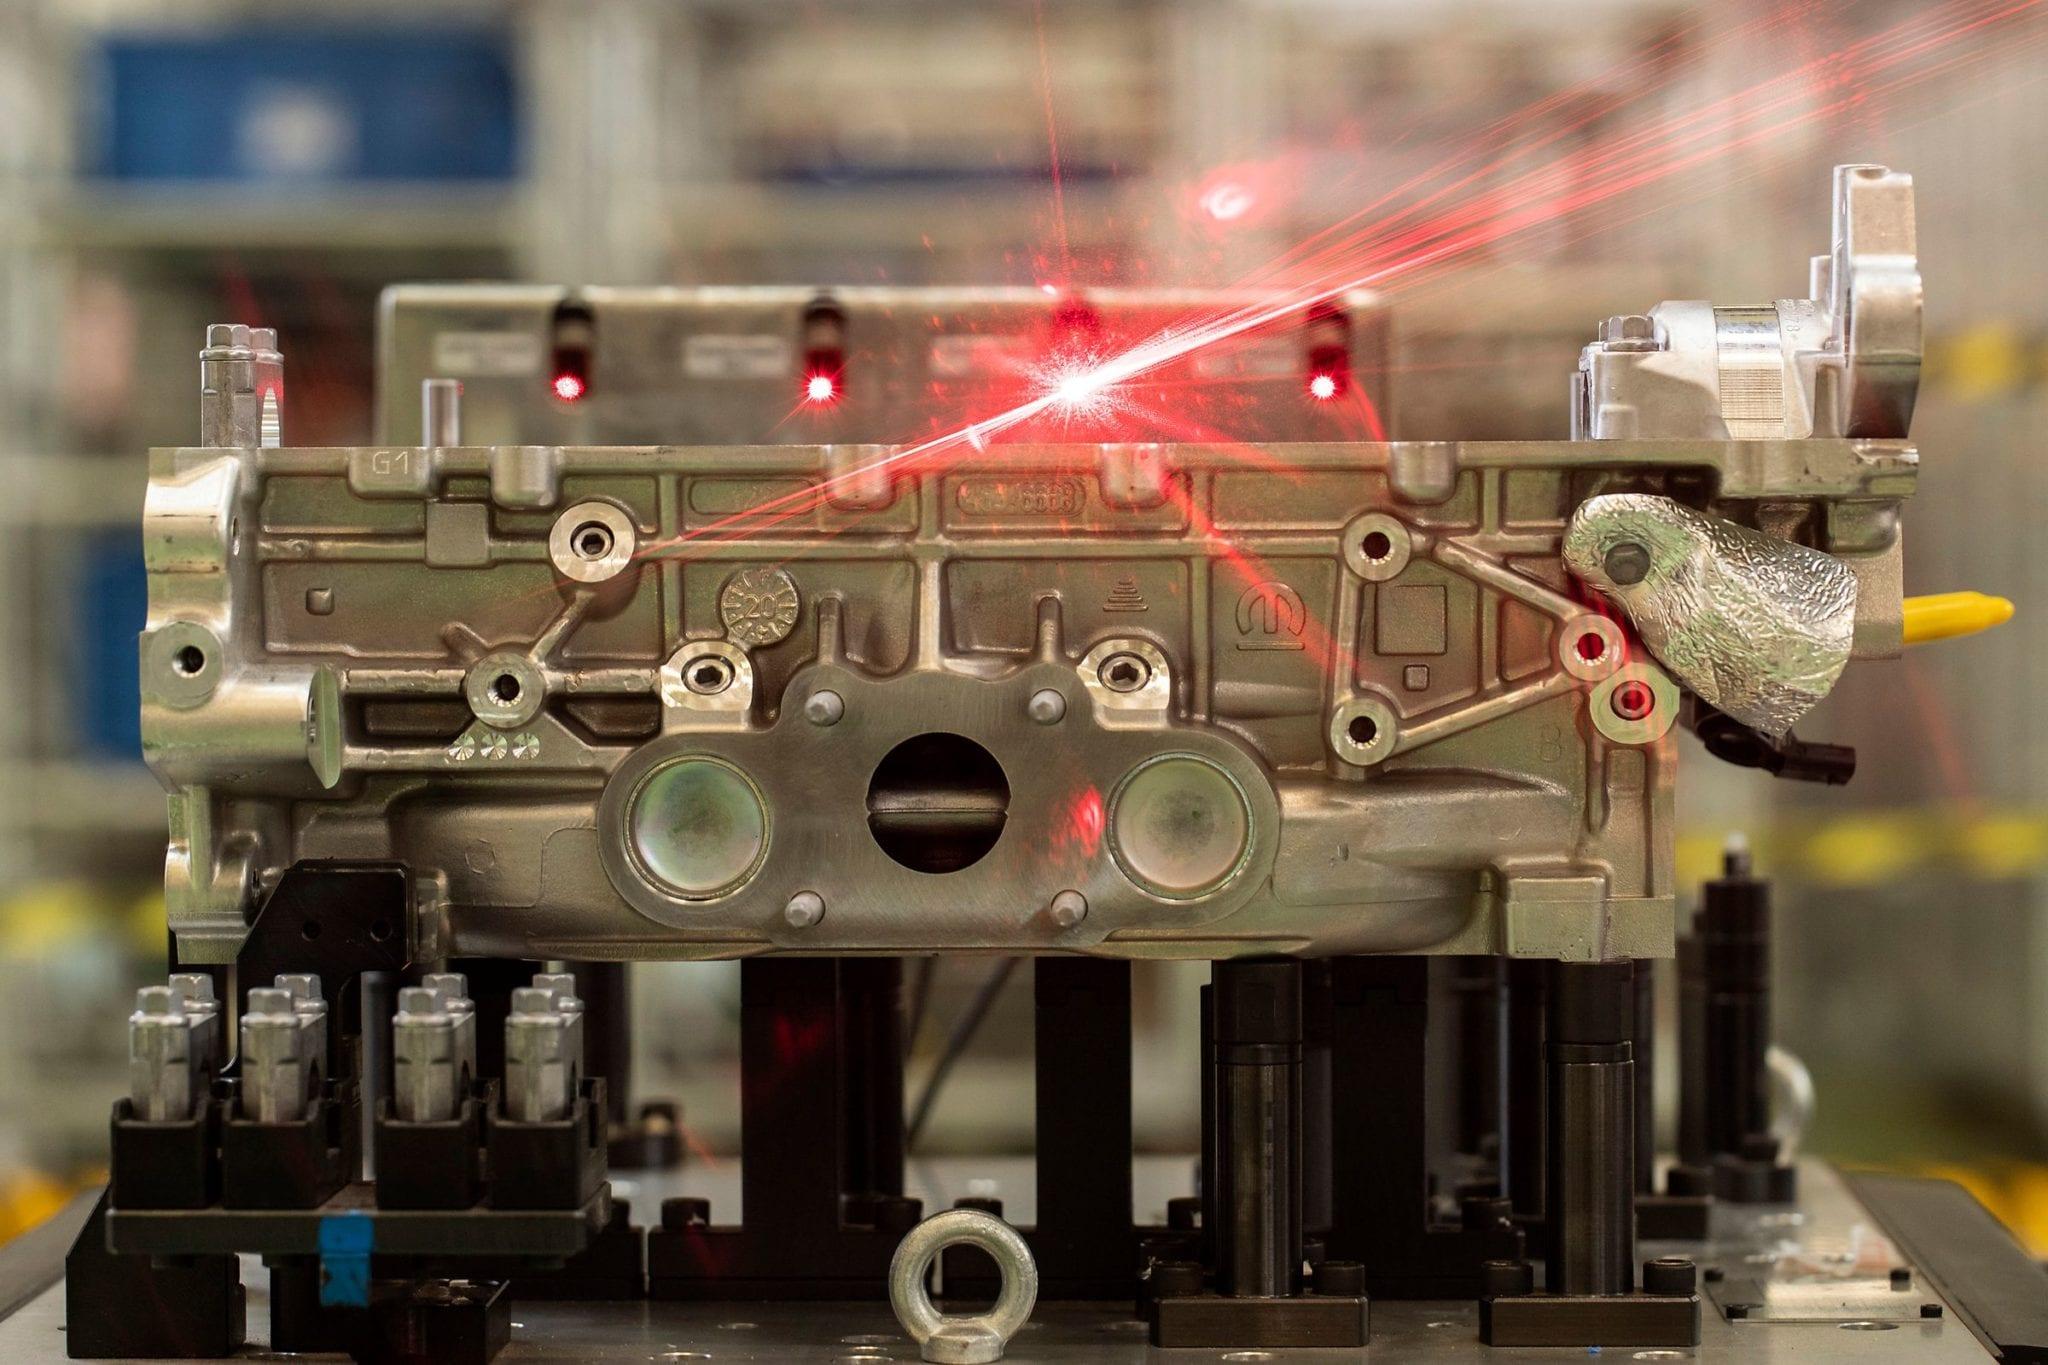 Planta da Stellantis em Betim pronta para produzir família global de motores turbo Pre montagem cabecote Foto2 Leo Lara large scaled